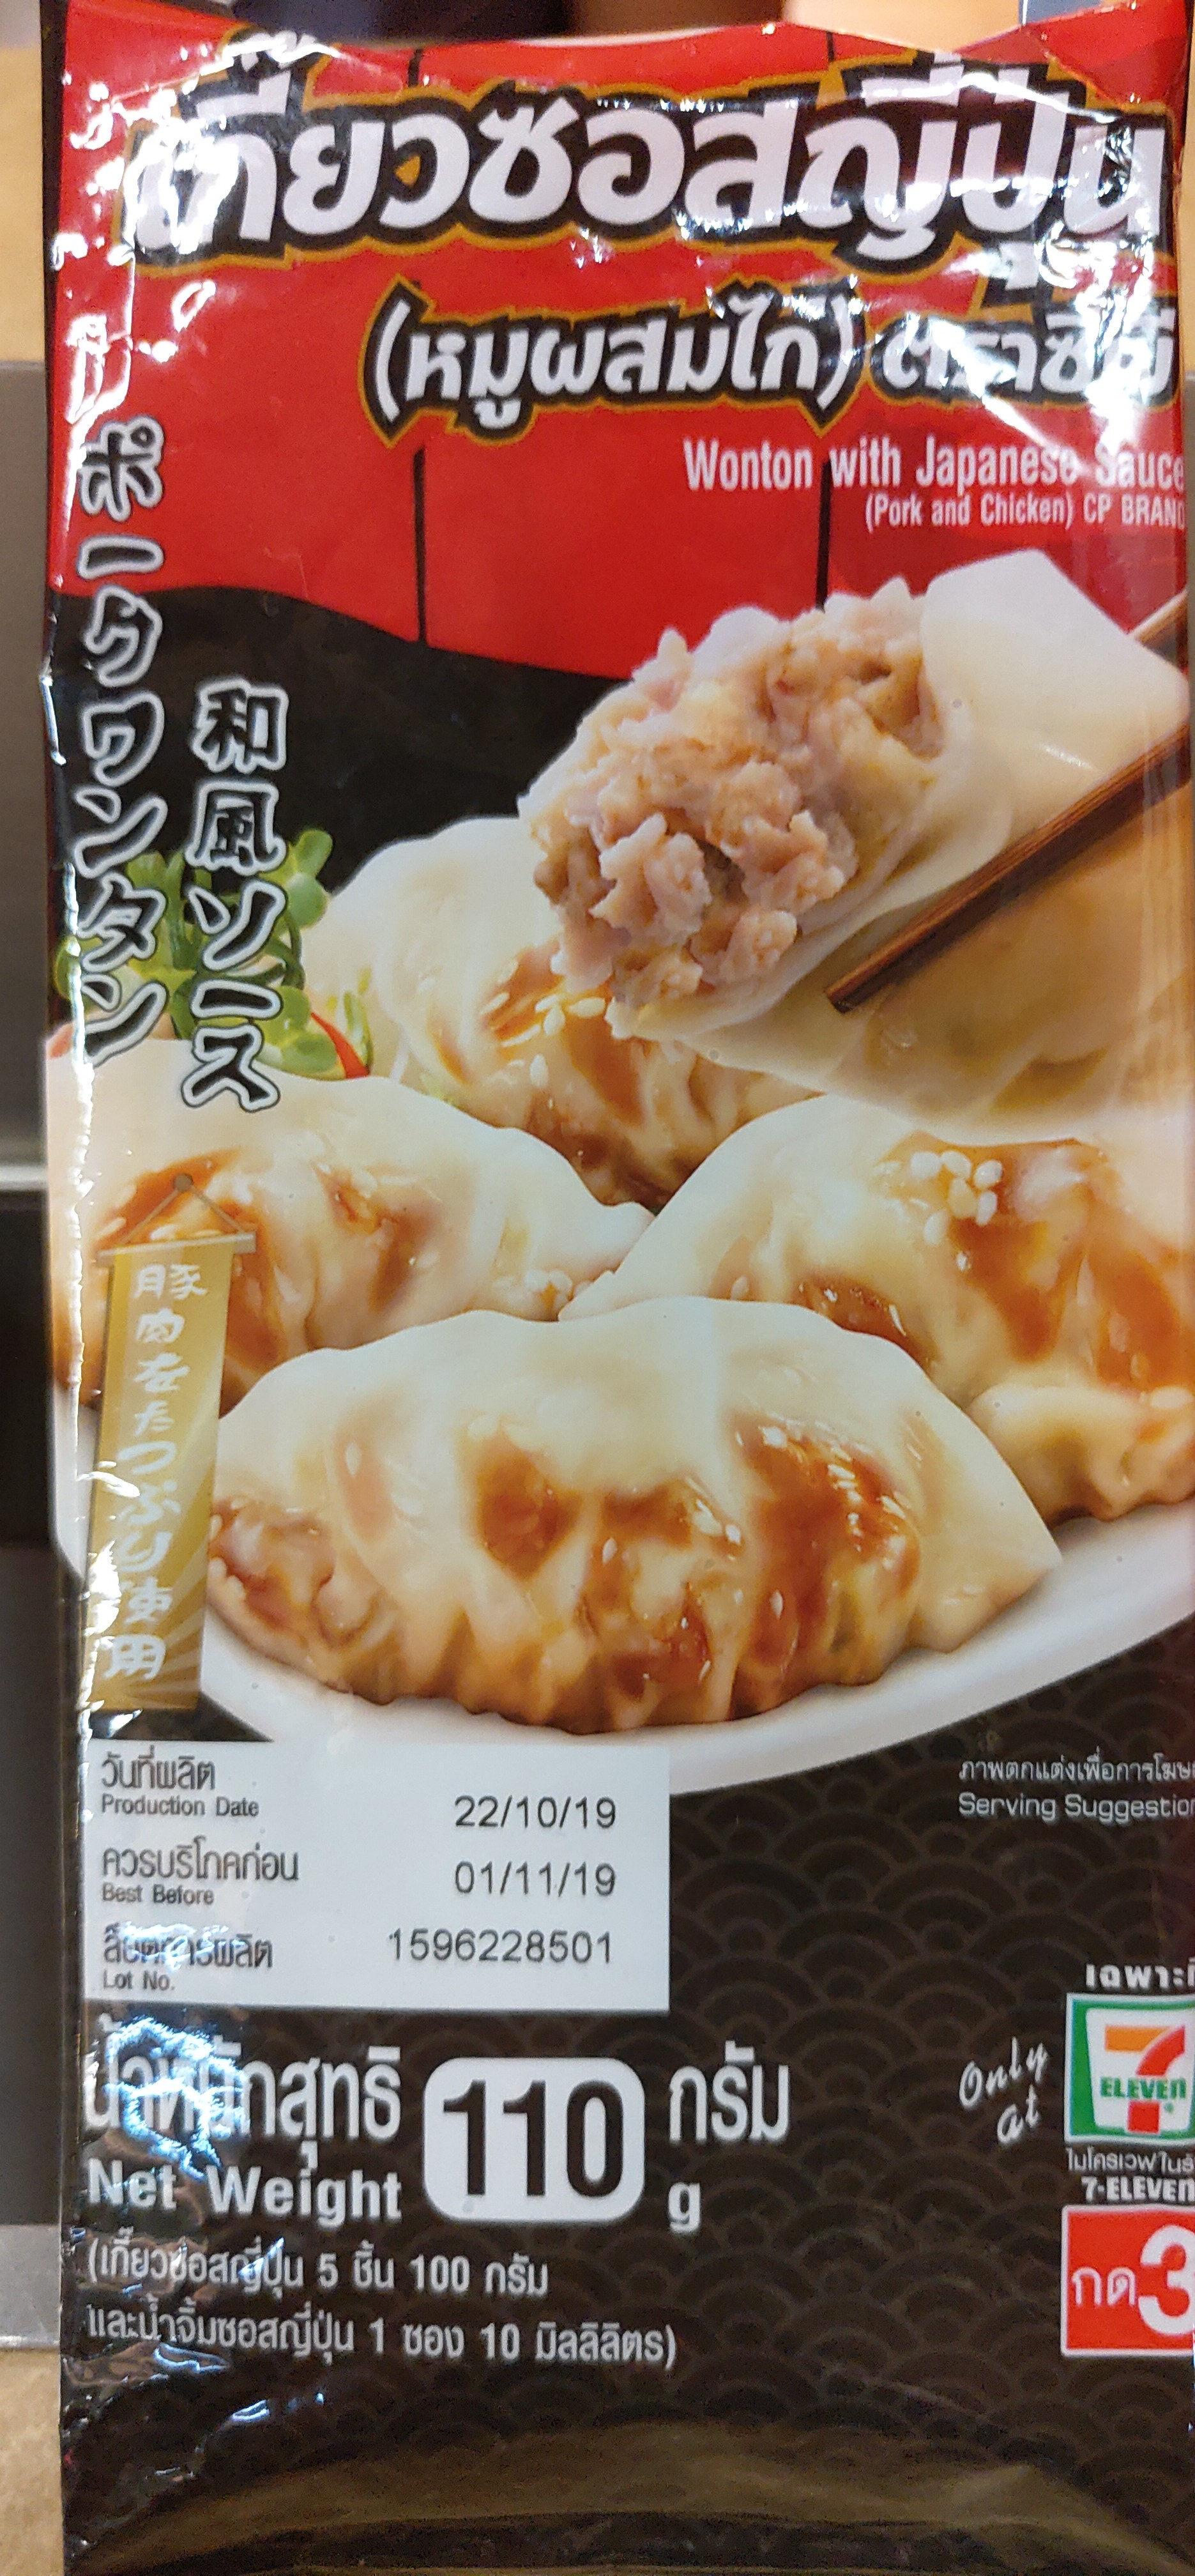 เกี๊ยวซอสญี่ปุ่น - Product - th